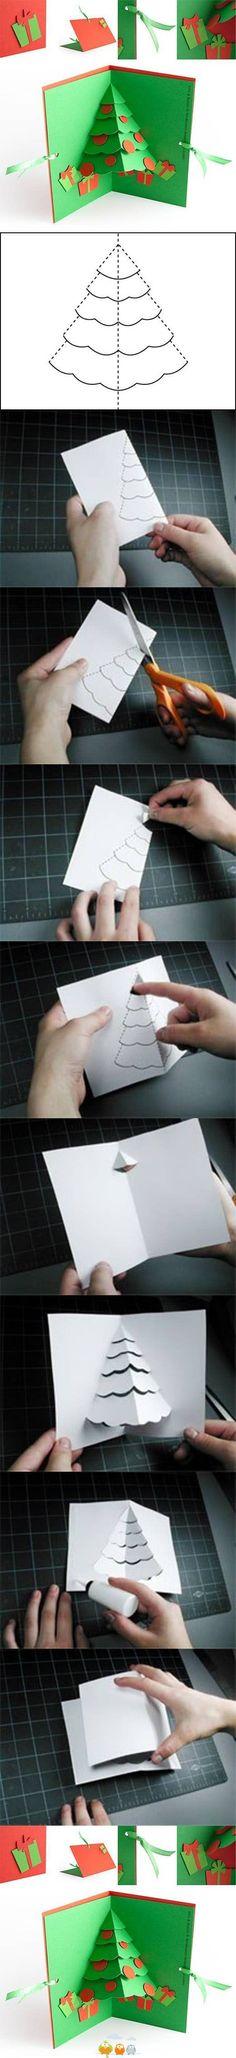 pop up fir tree card tutorial